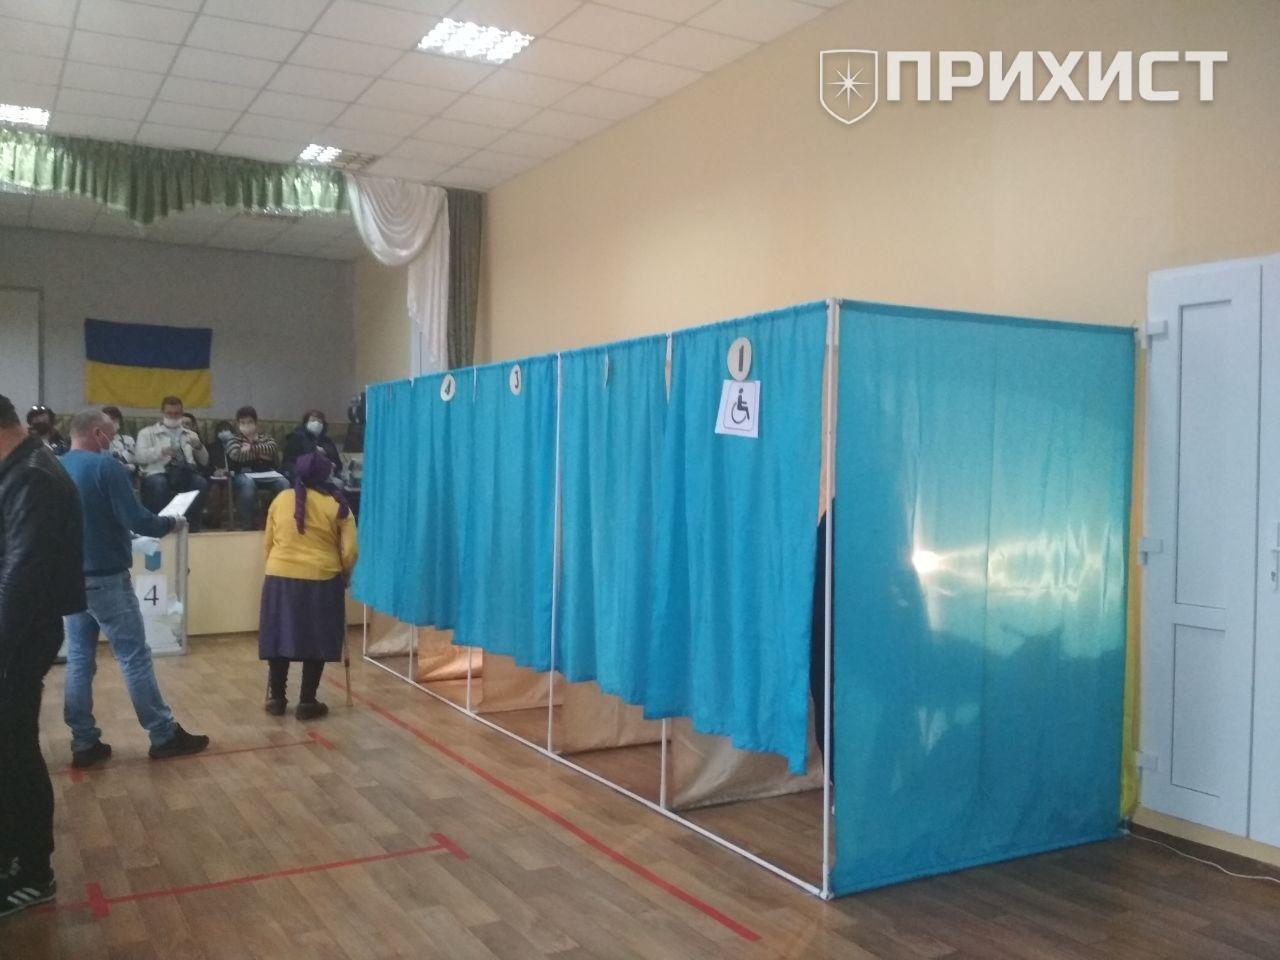 Стало известно, когда может пройти второй тур местных выборов   Прихист